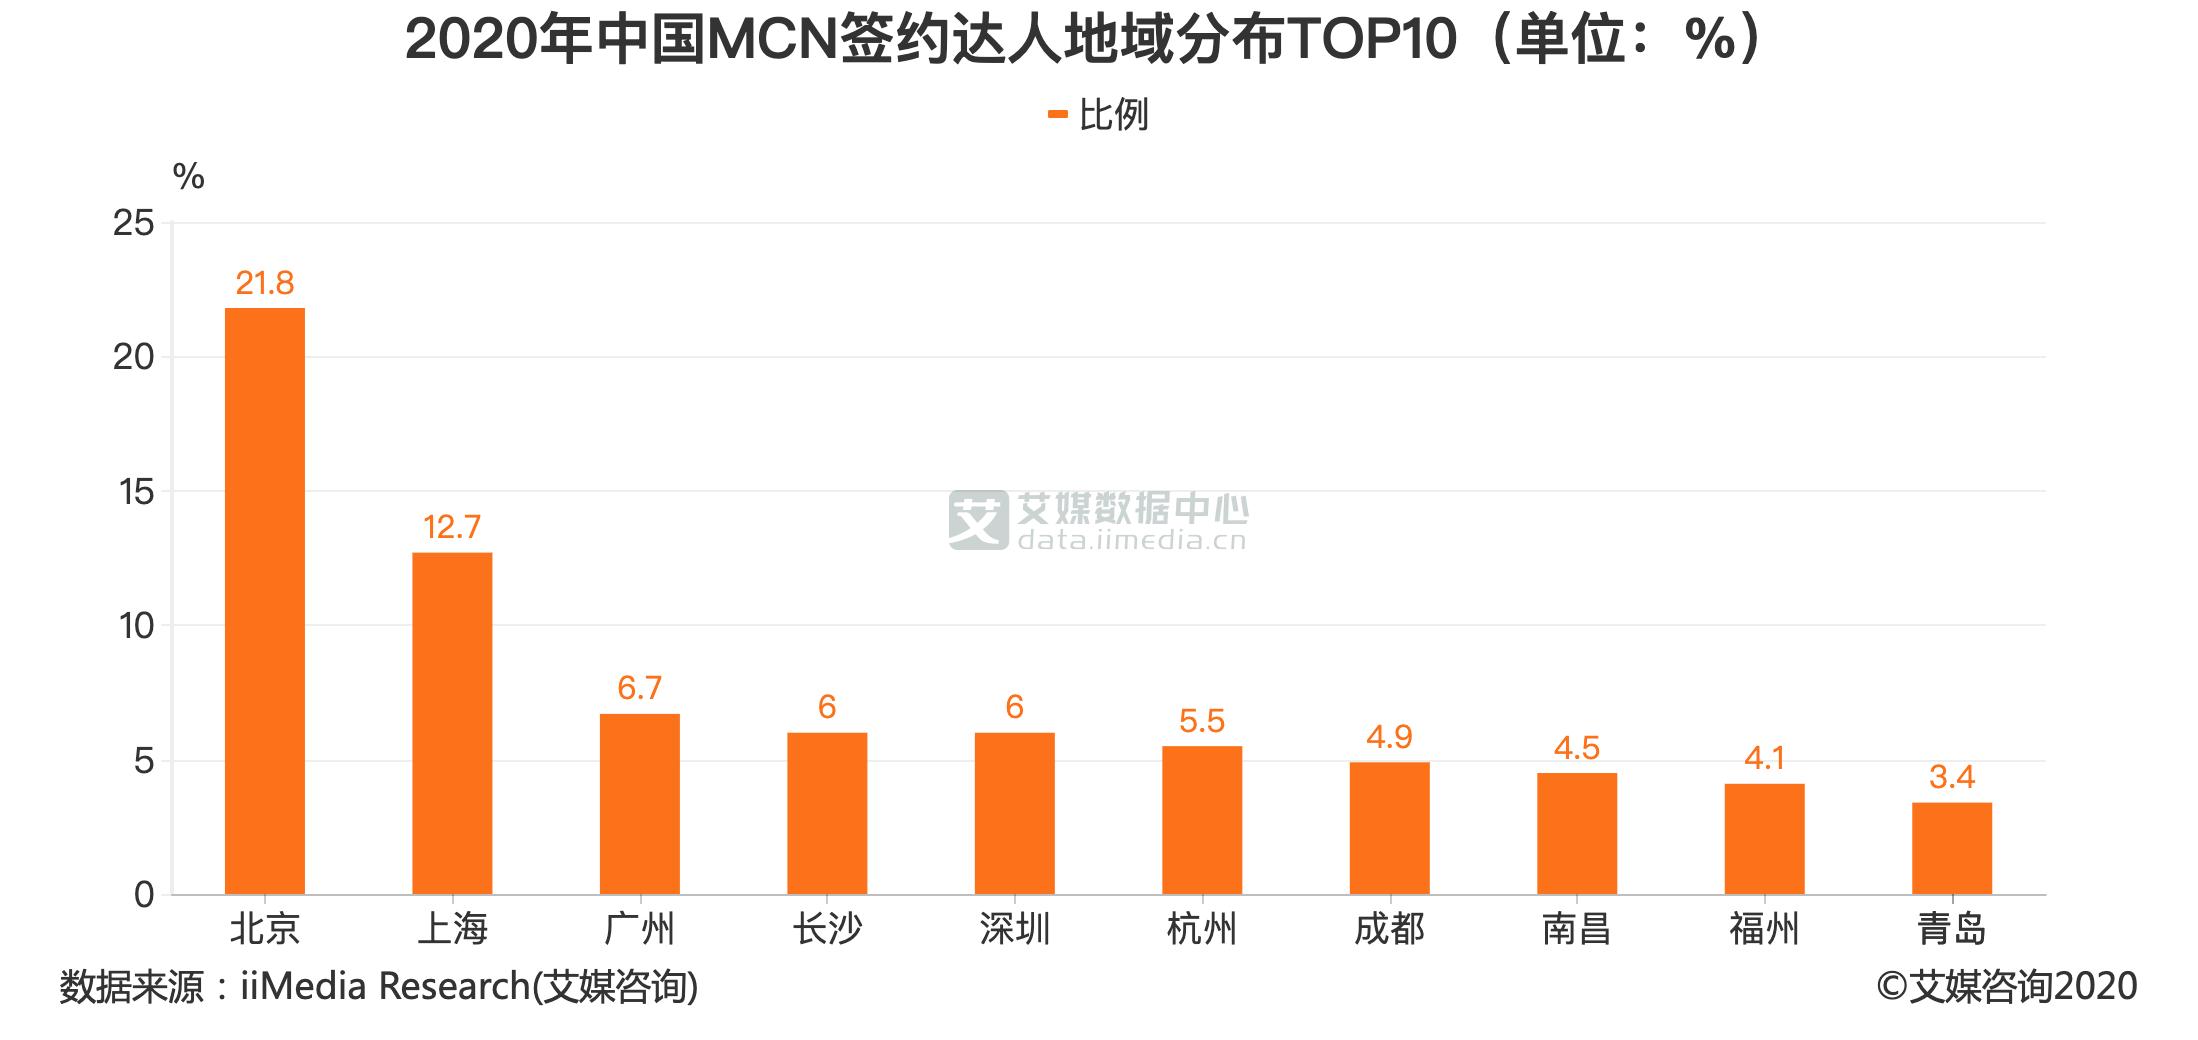 2020年中国MCN签约达人地域分布TOP10(单位:%)